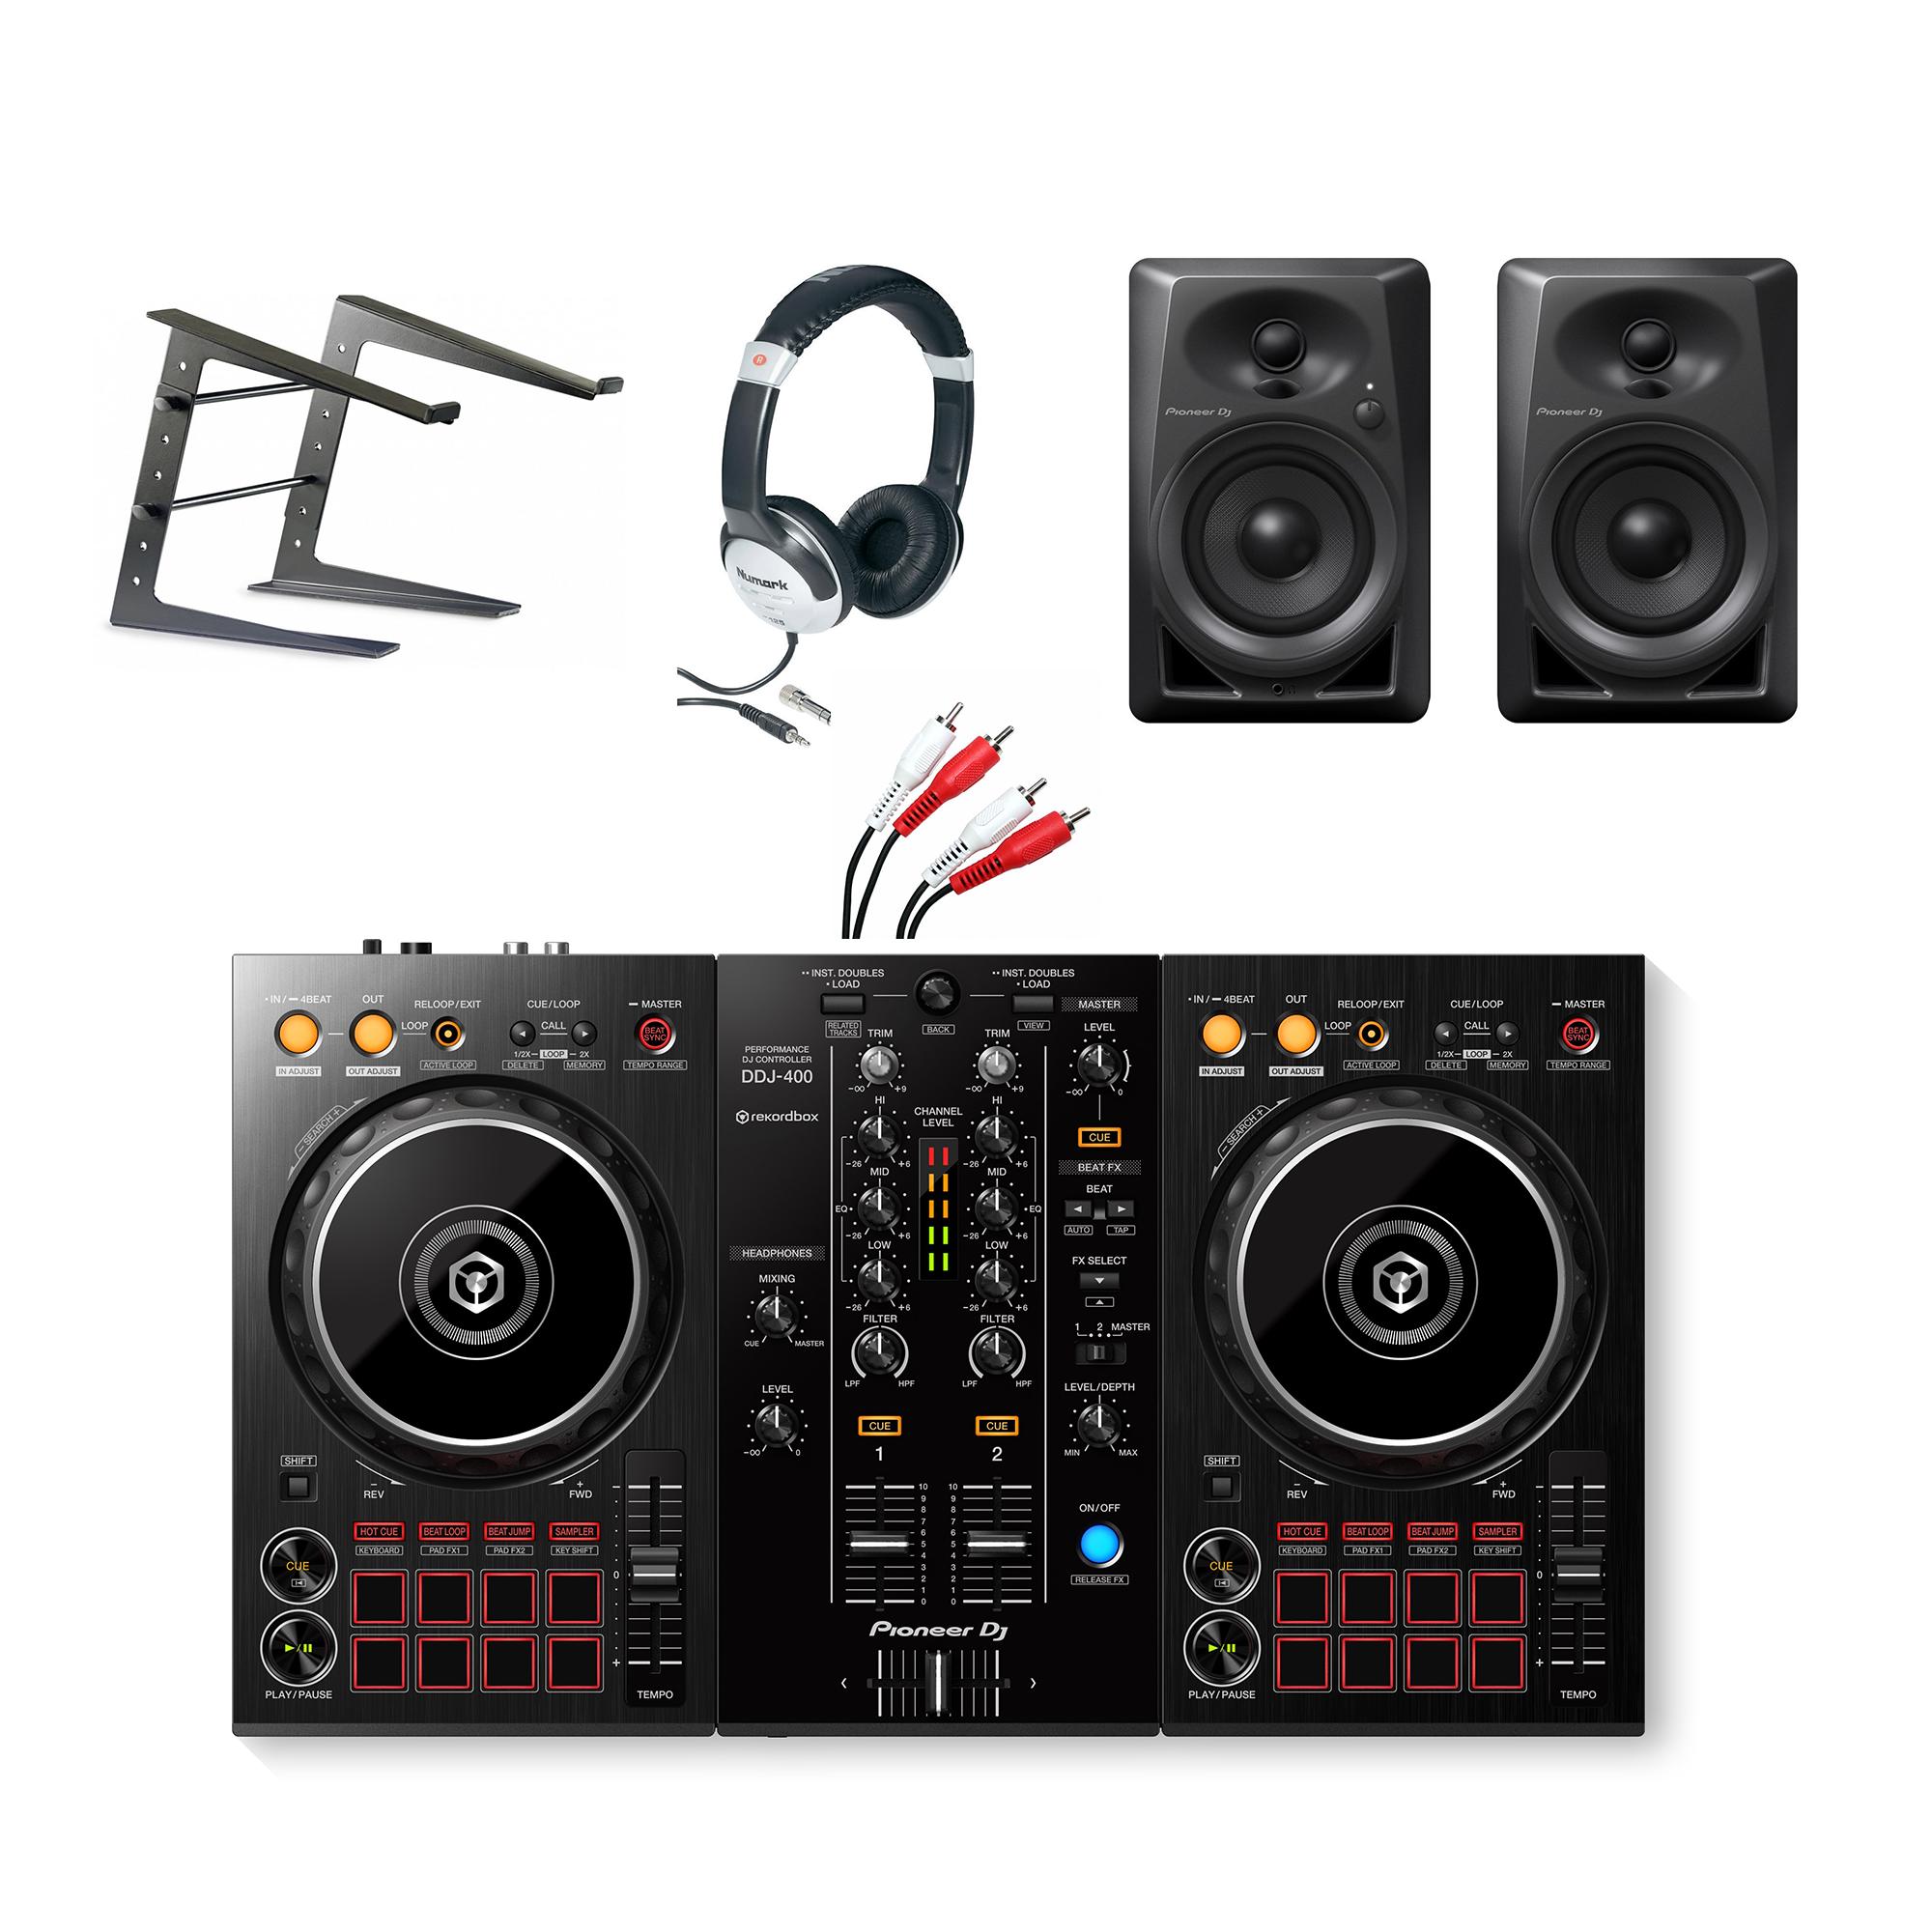 pioneer ddj 400 complete starter dj equipment package. Black Bedroom Furniture Sets. Home Design Ideas